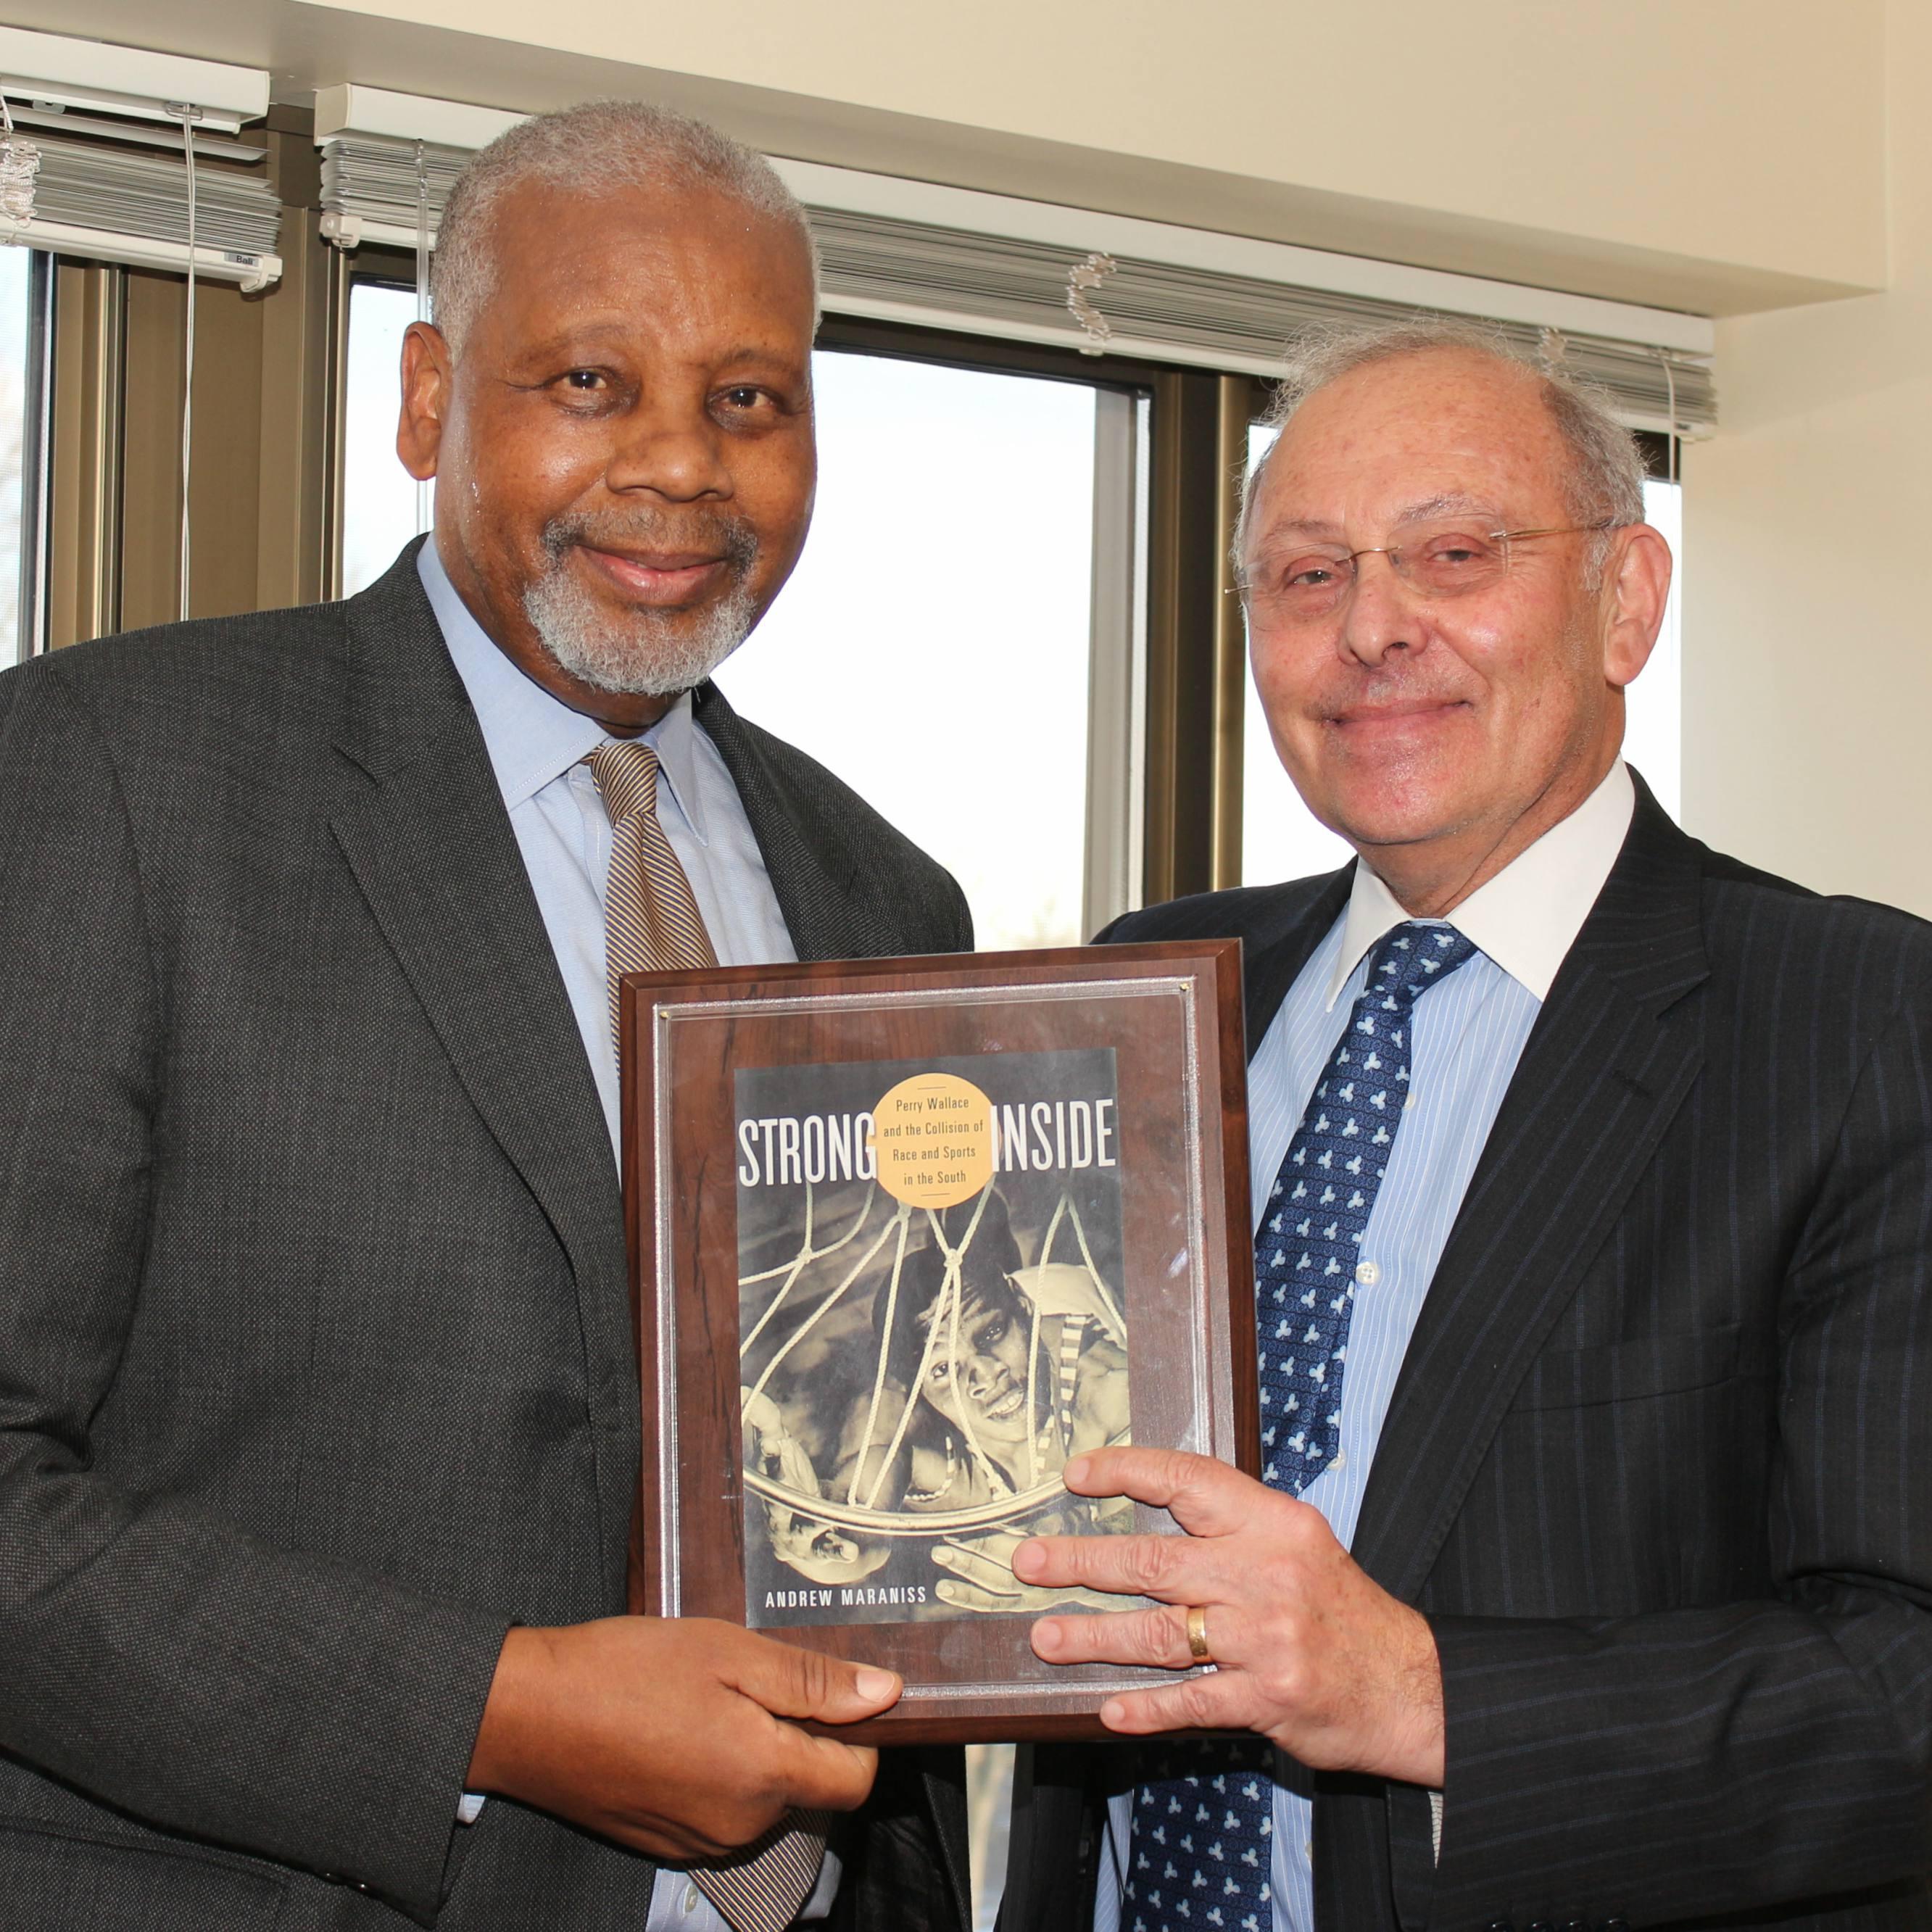 Dean Emeritus Grossman recognizes the achievements of long-serving AUWCL Professor Wallace.